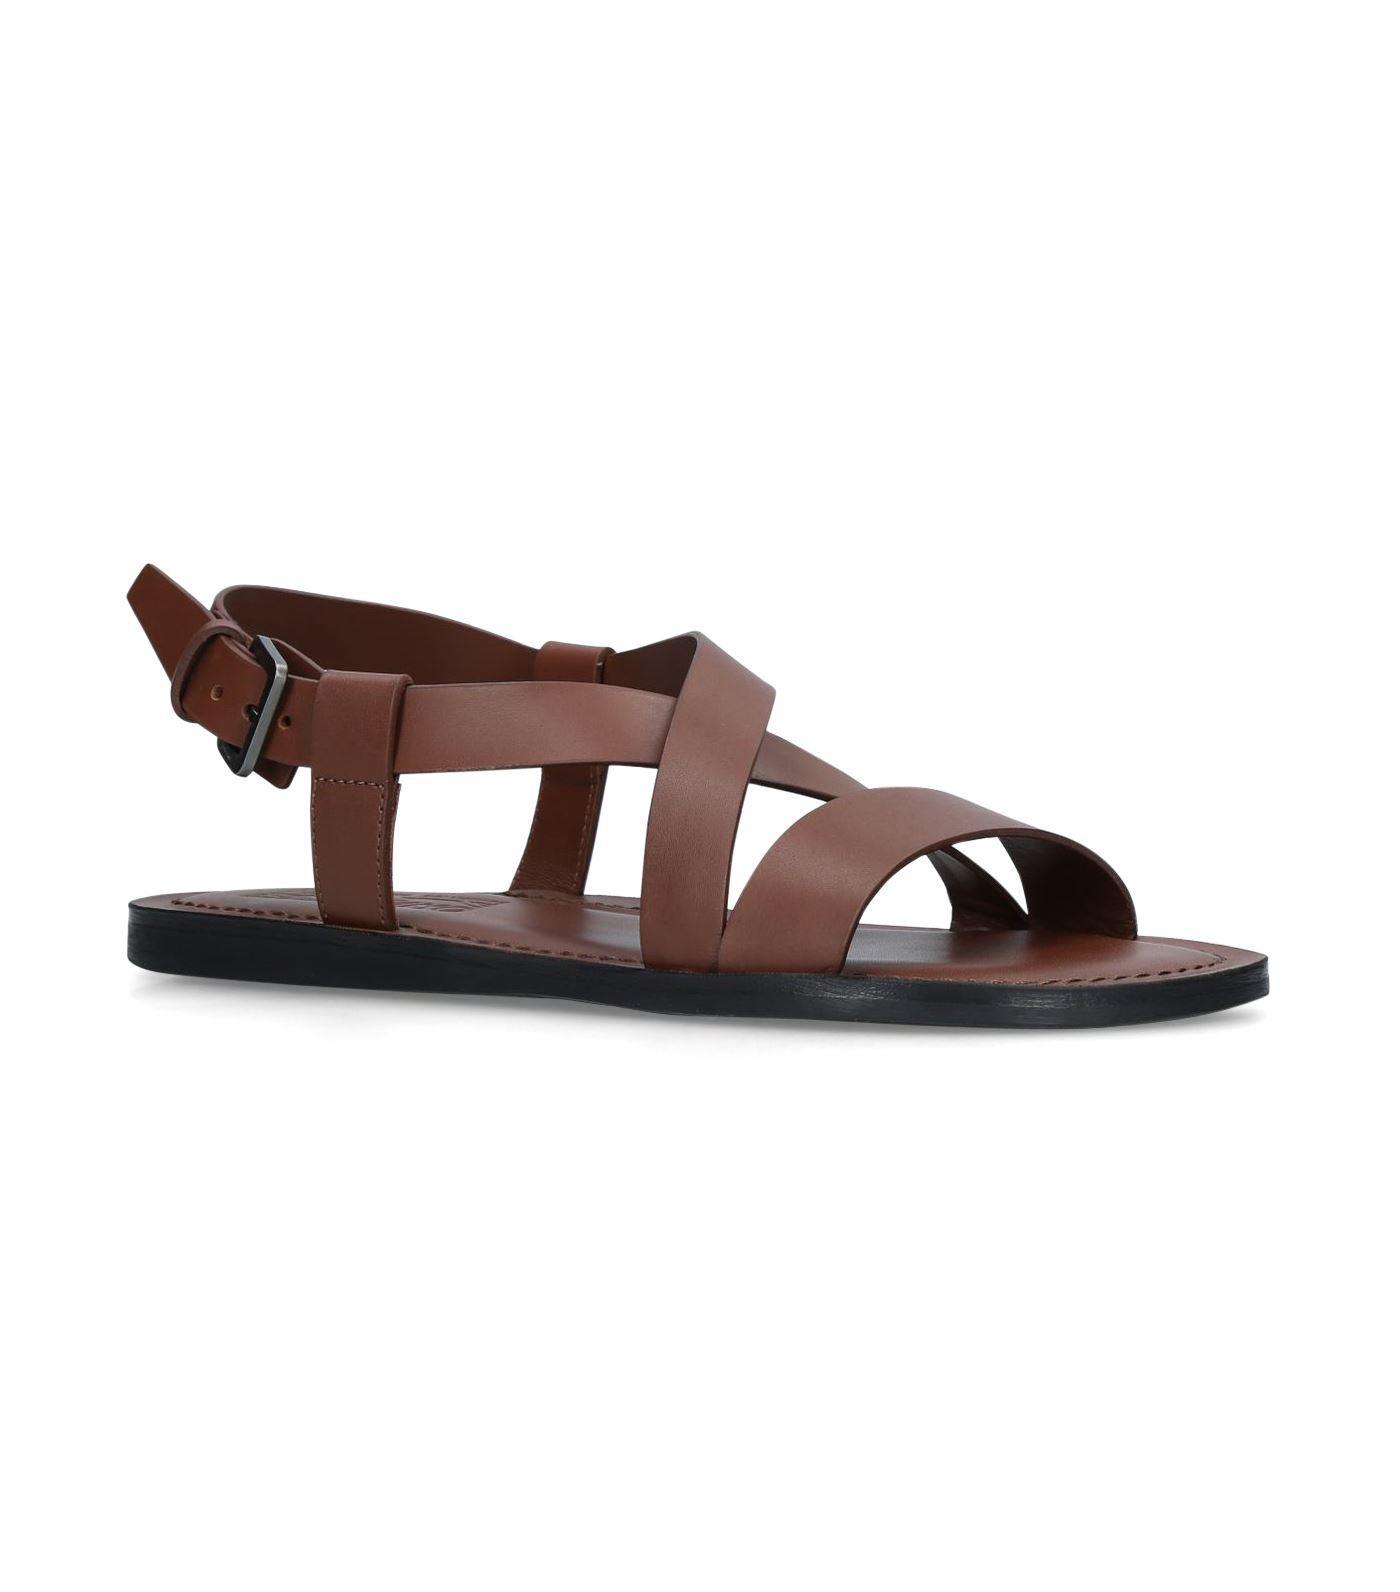 51d6e8f2124f Ferragamo Leather Nostro Sandals in Brown for Men - Lyst